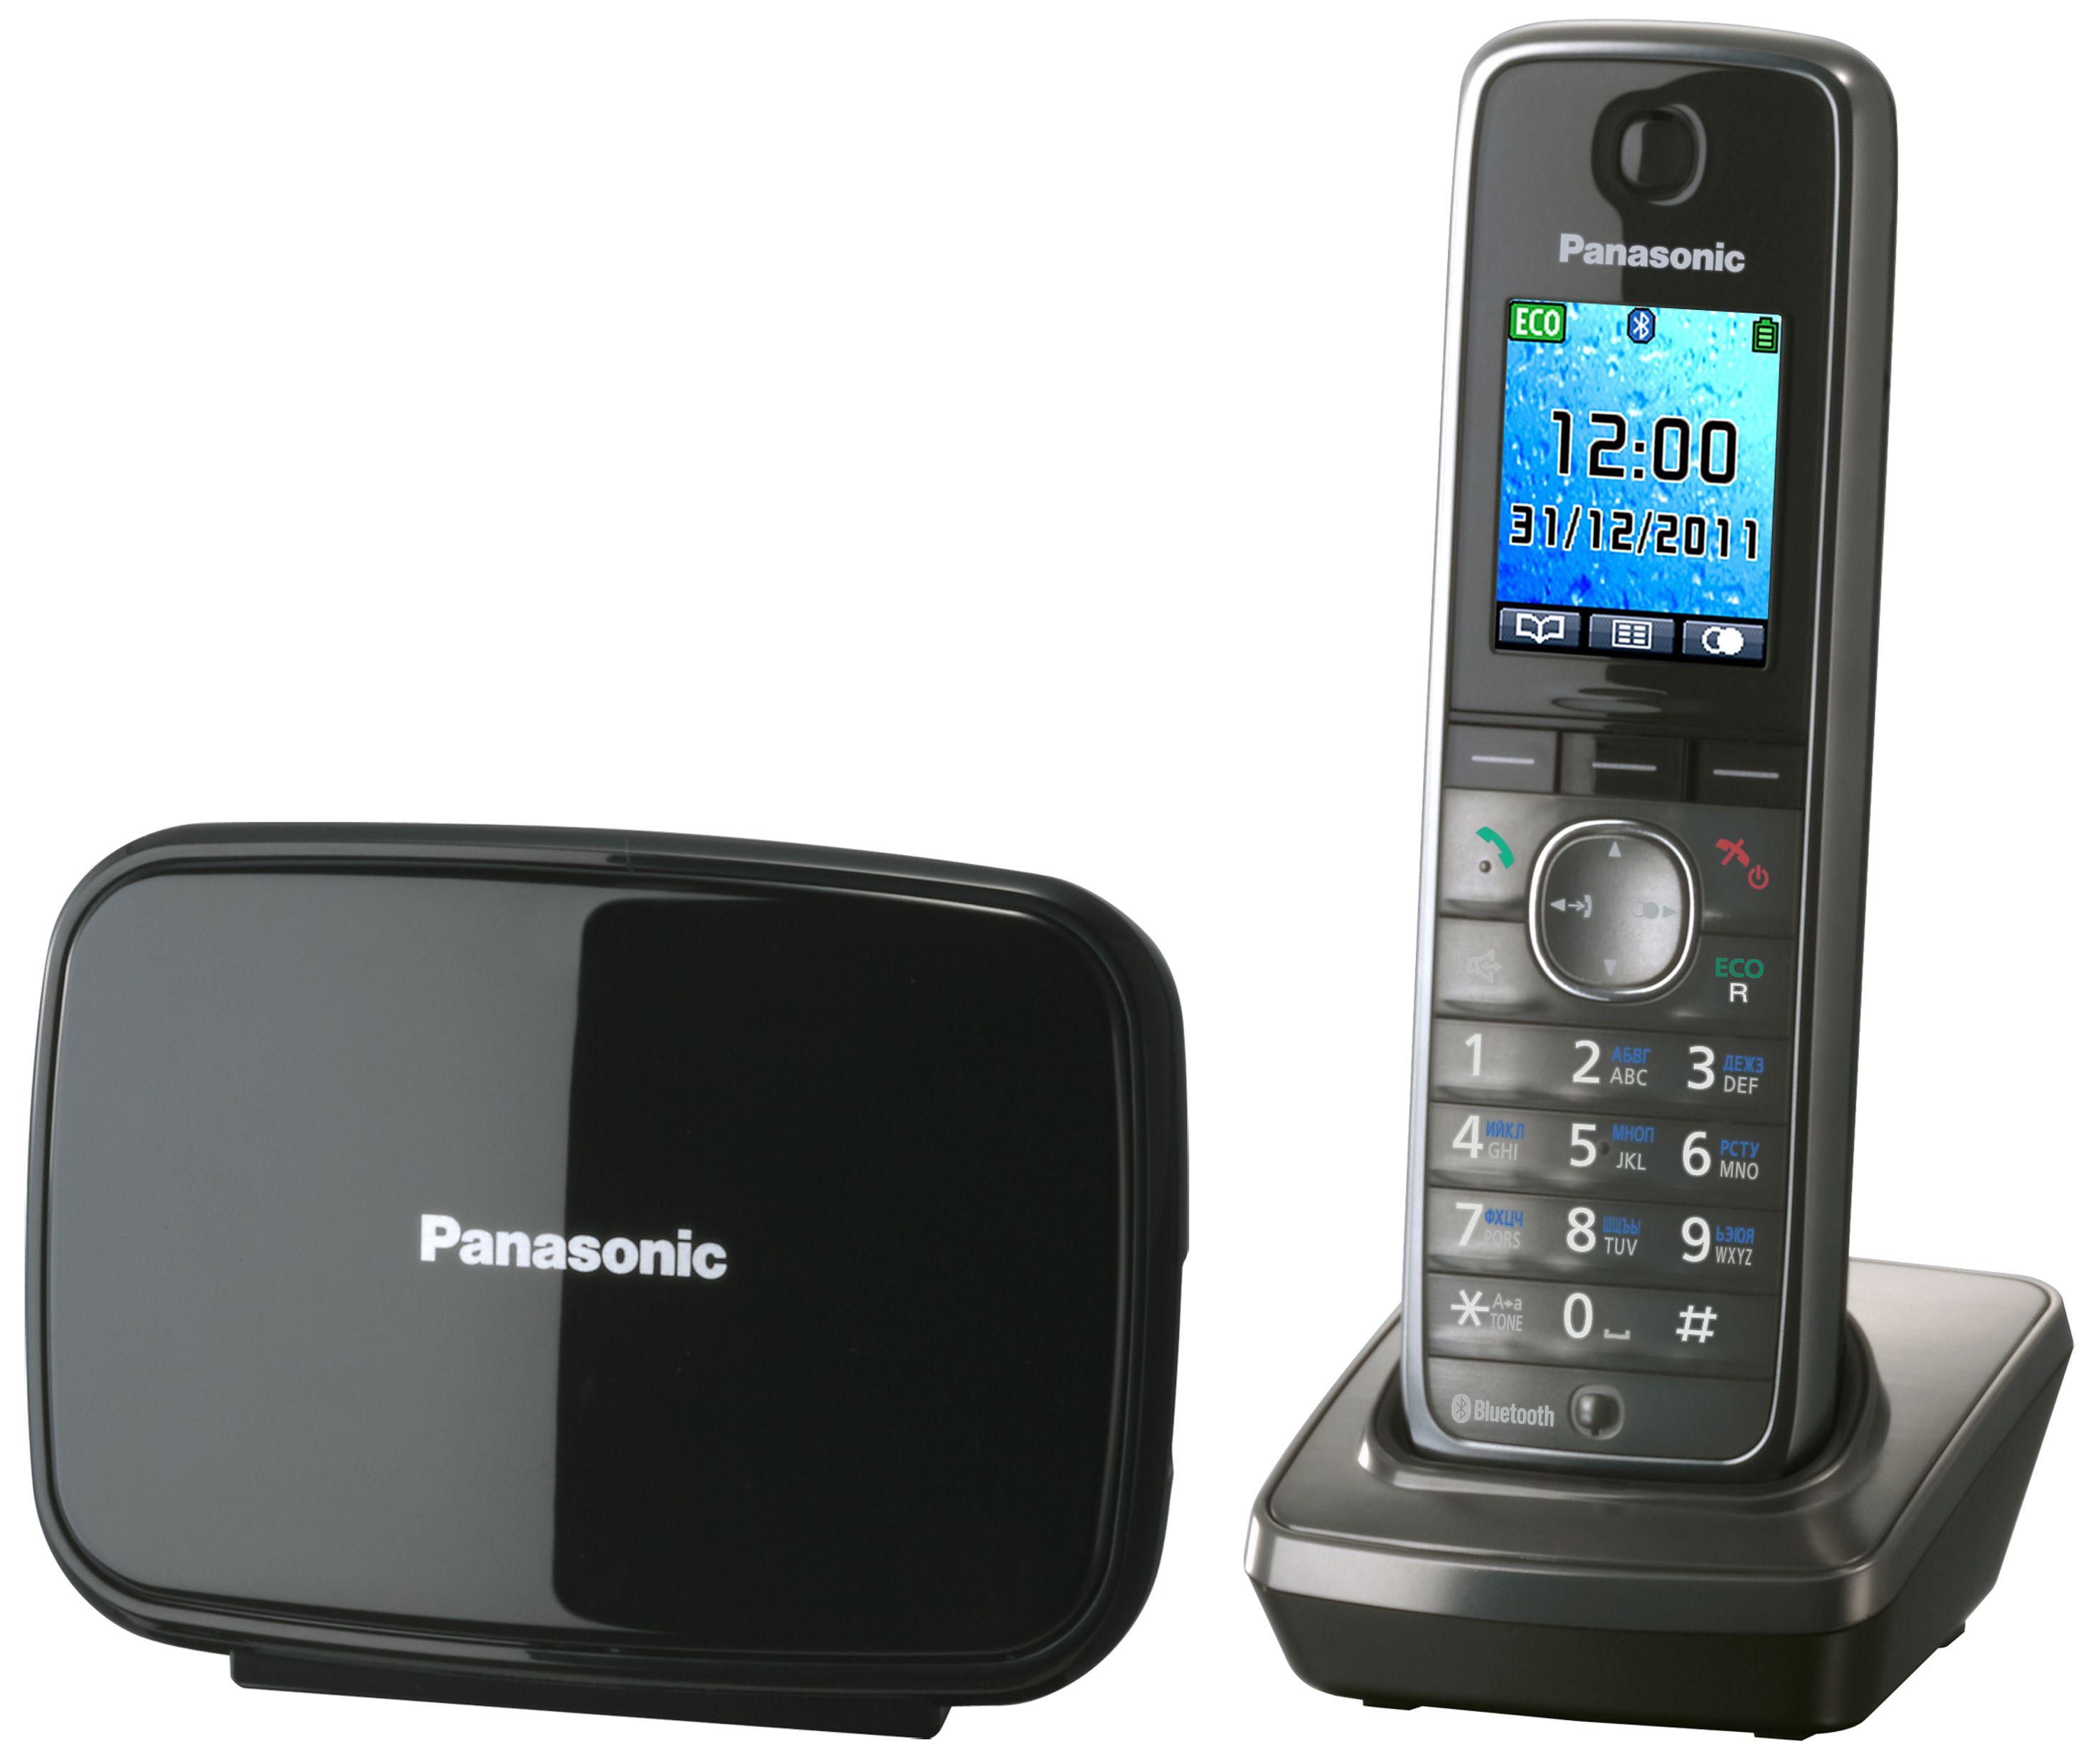 Телефон DECT PANASONIC KX-TG 8611RUM от Ravta